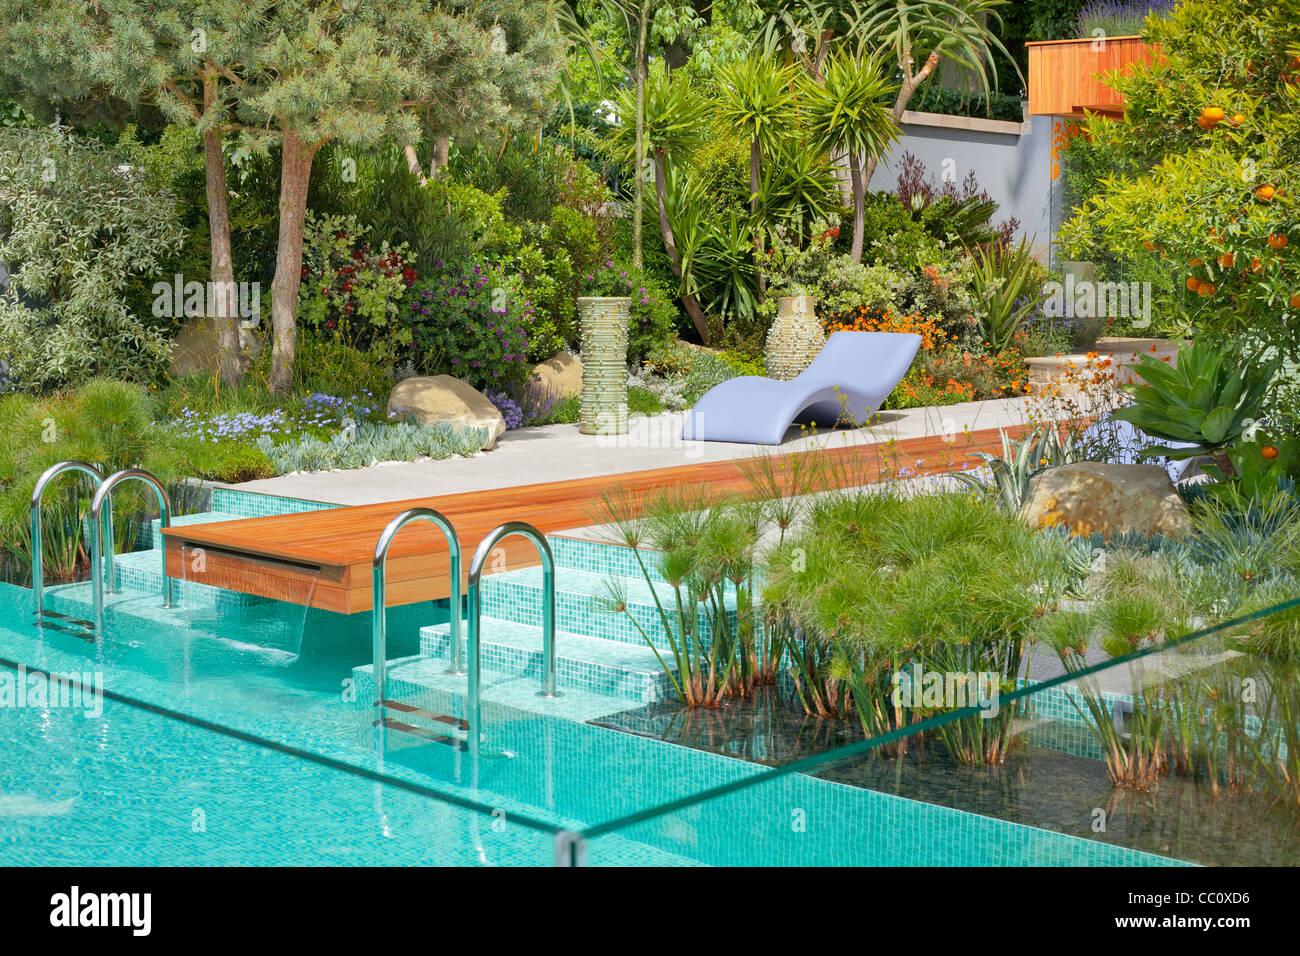 Moderno Diseno De Jardines Con Una Piscina De Estilo Mediterraneo - Diseo-de-jardines-con-piscina